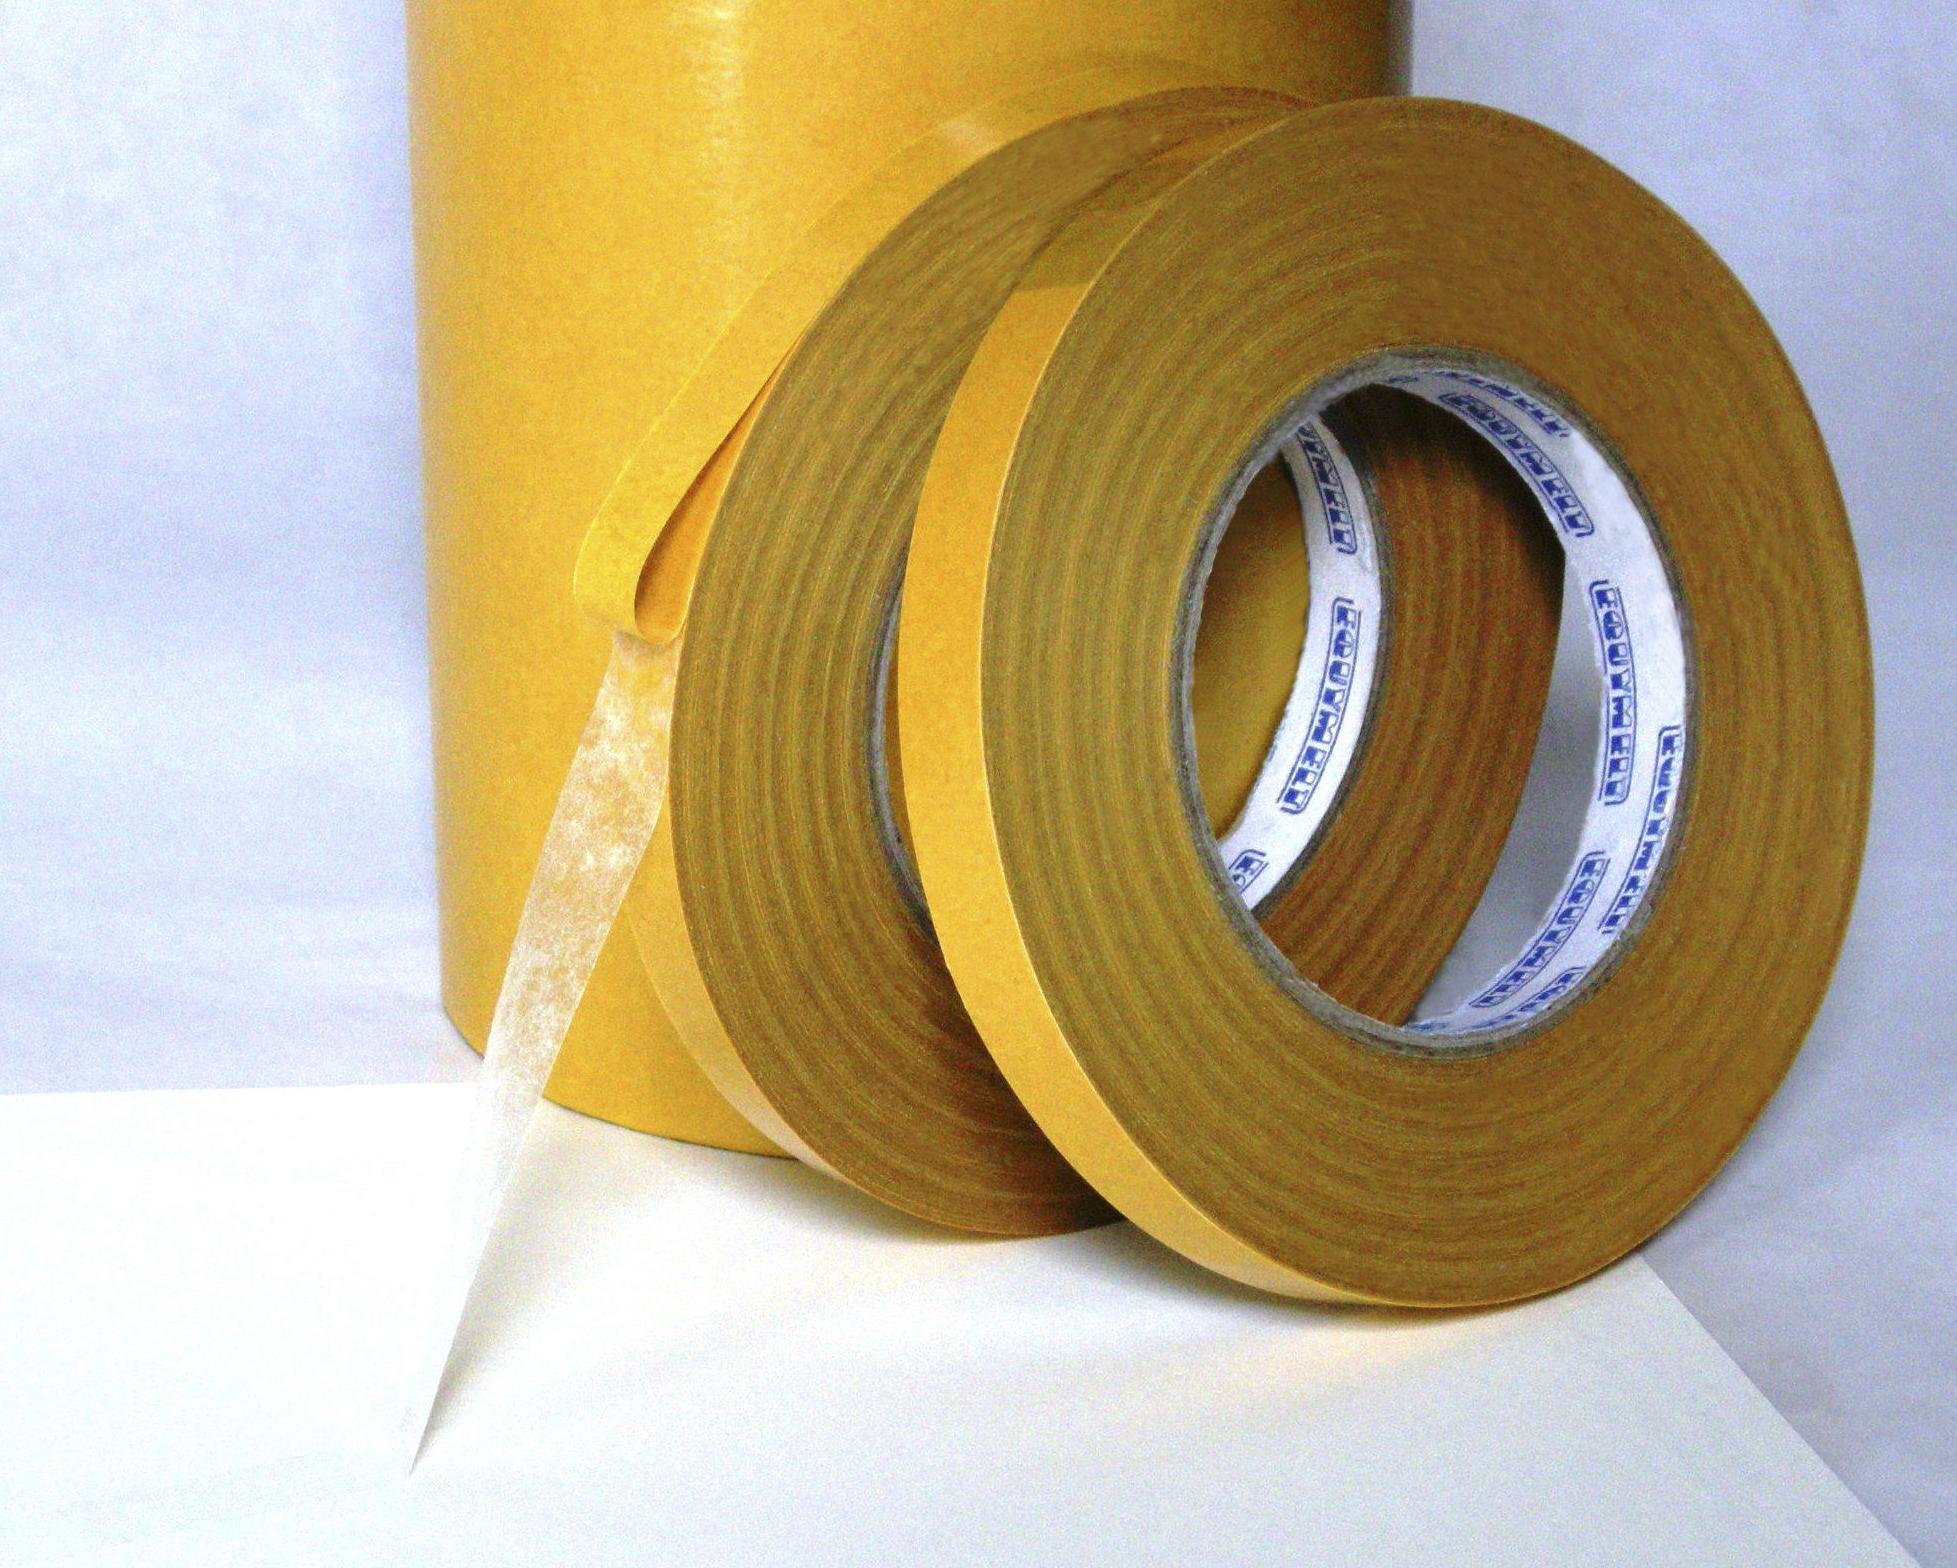 Cintas adhesivas doble cara productos y servicios de - Cintas adhesivas doble cara ...